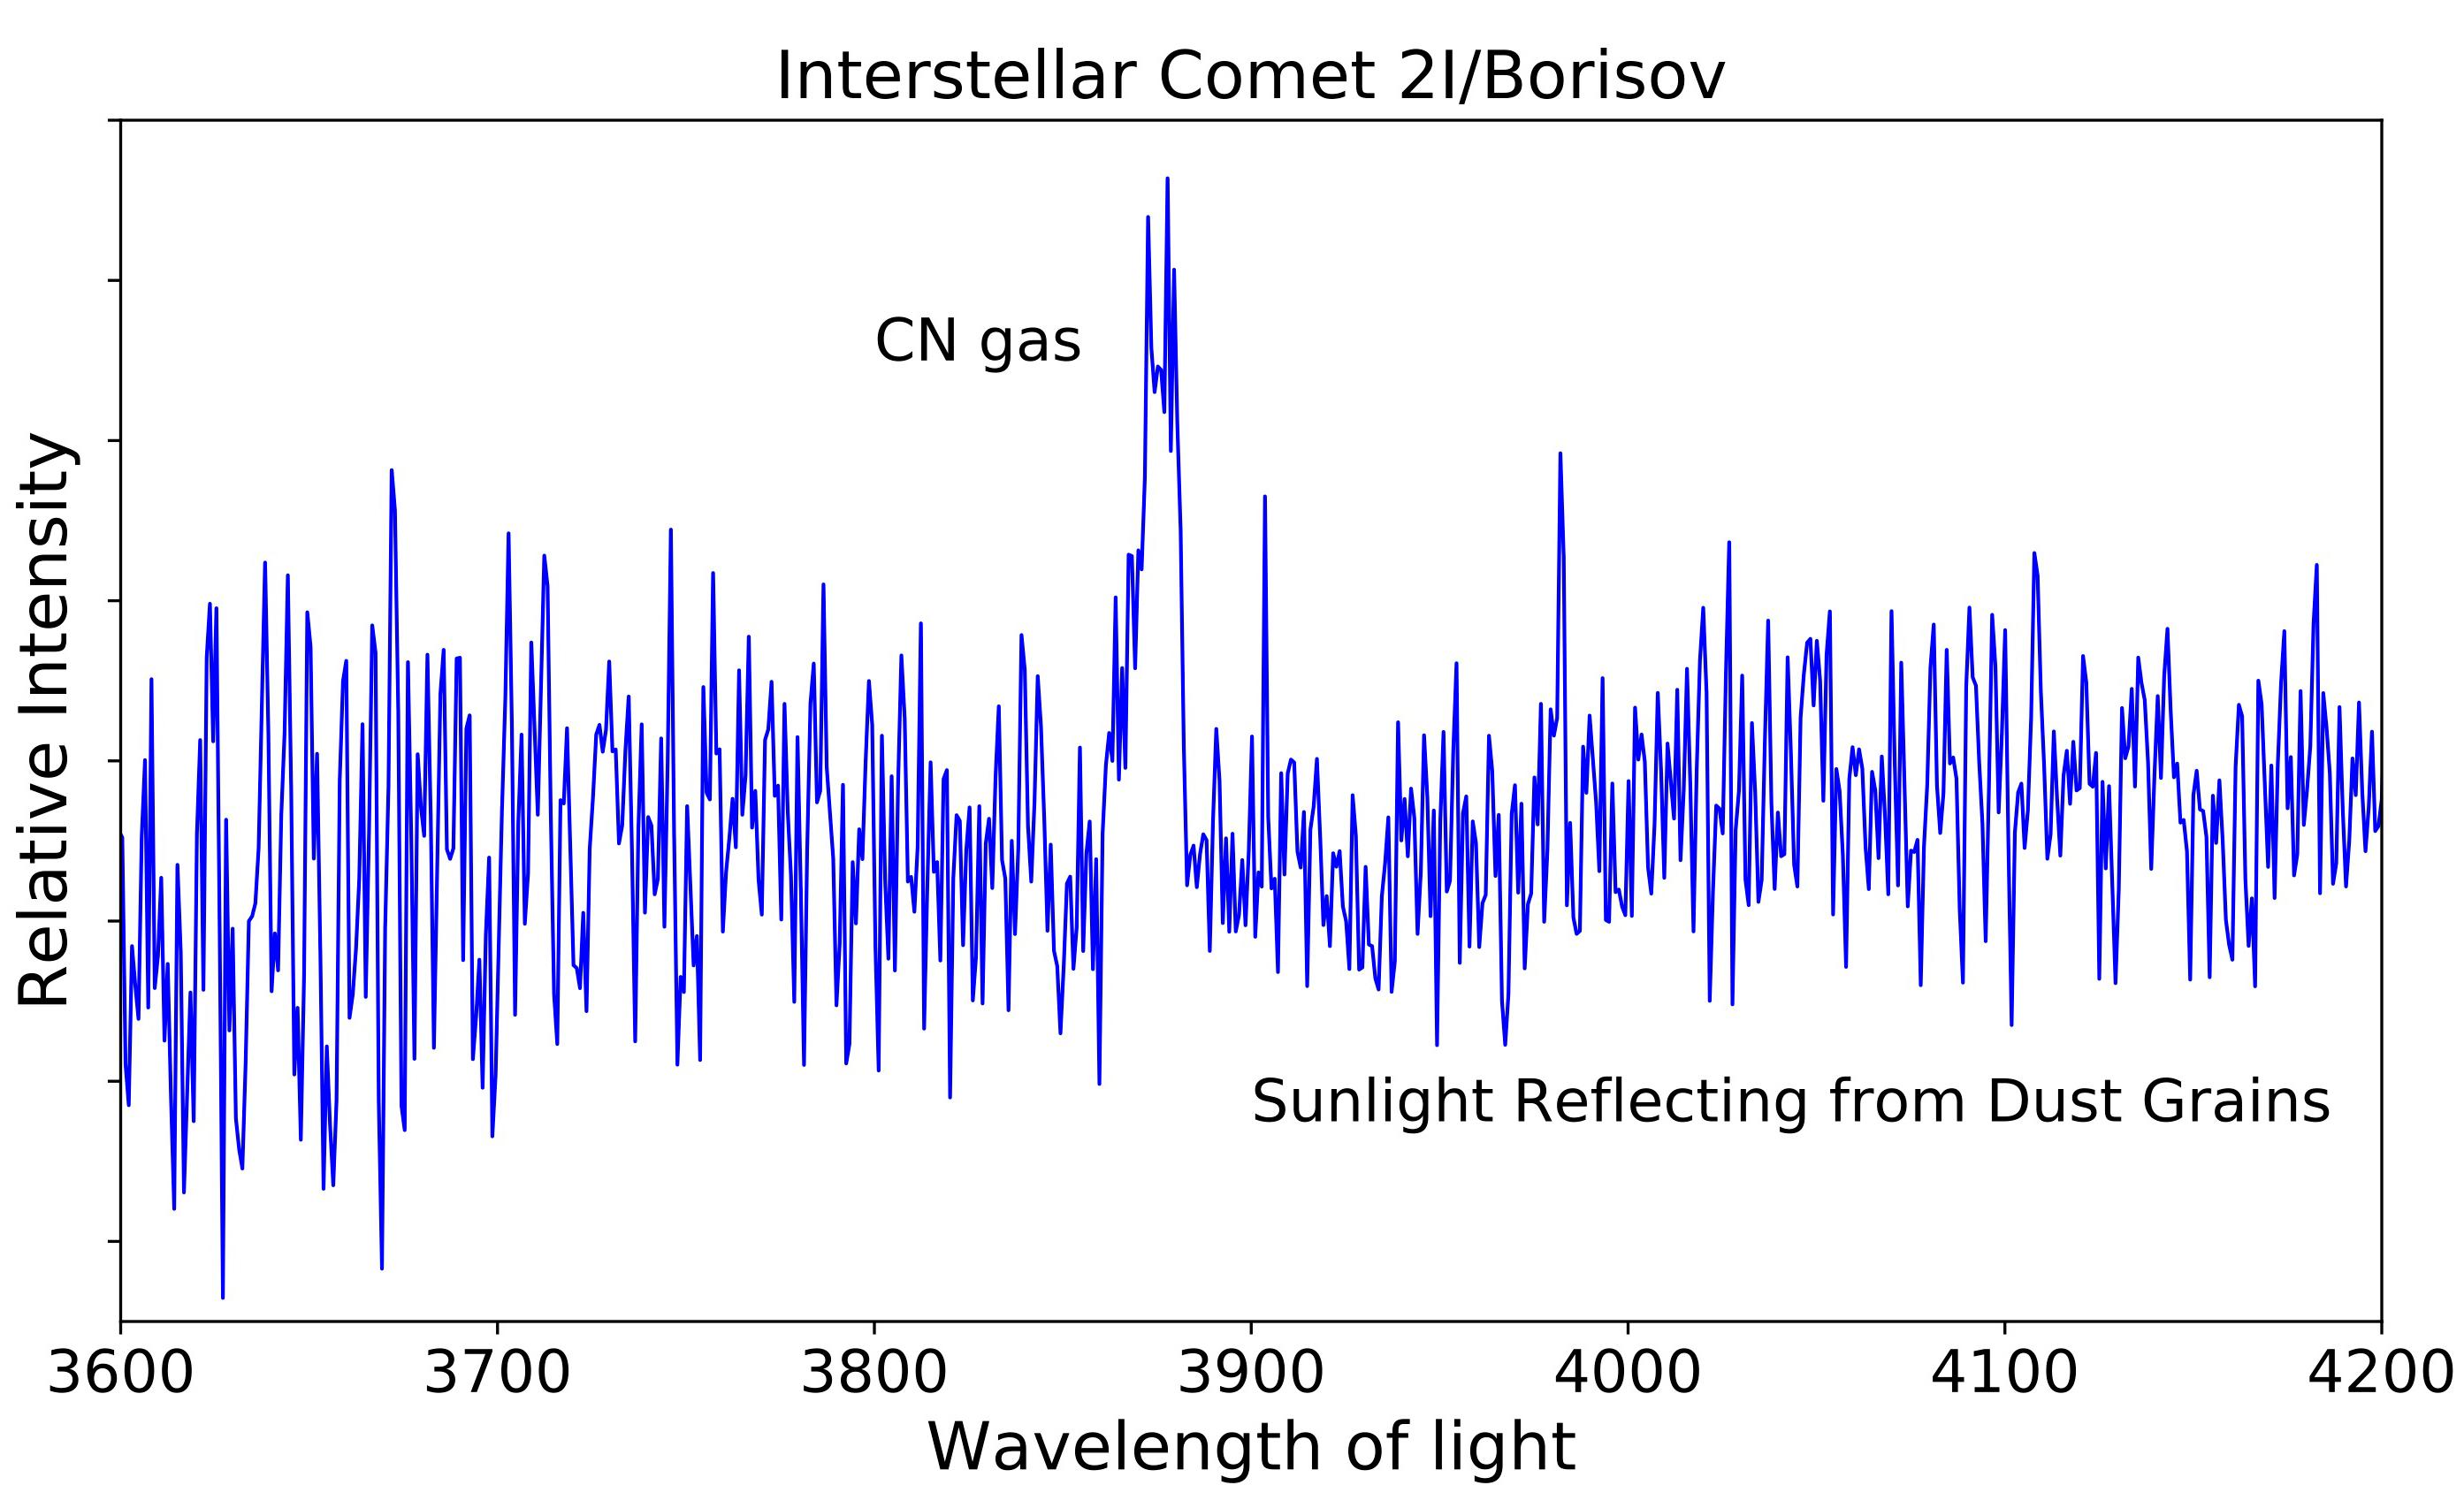 Molecola tossica sulla cometa interstellare